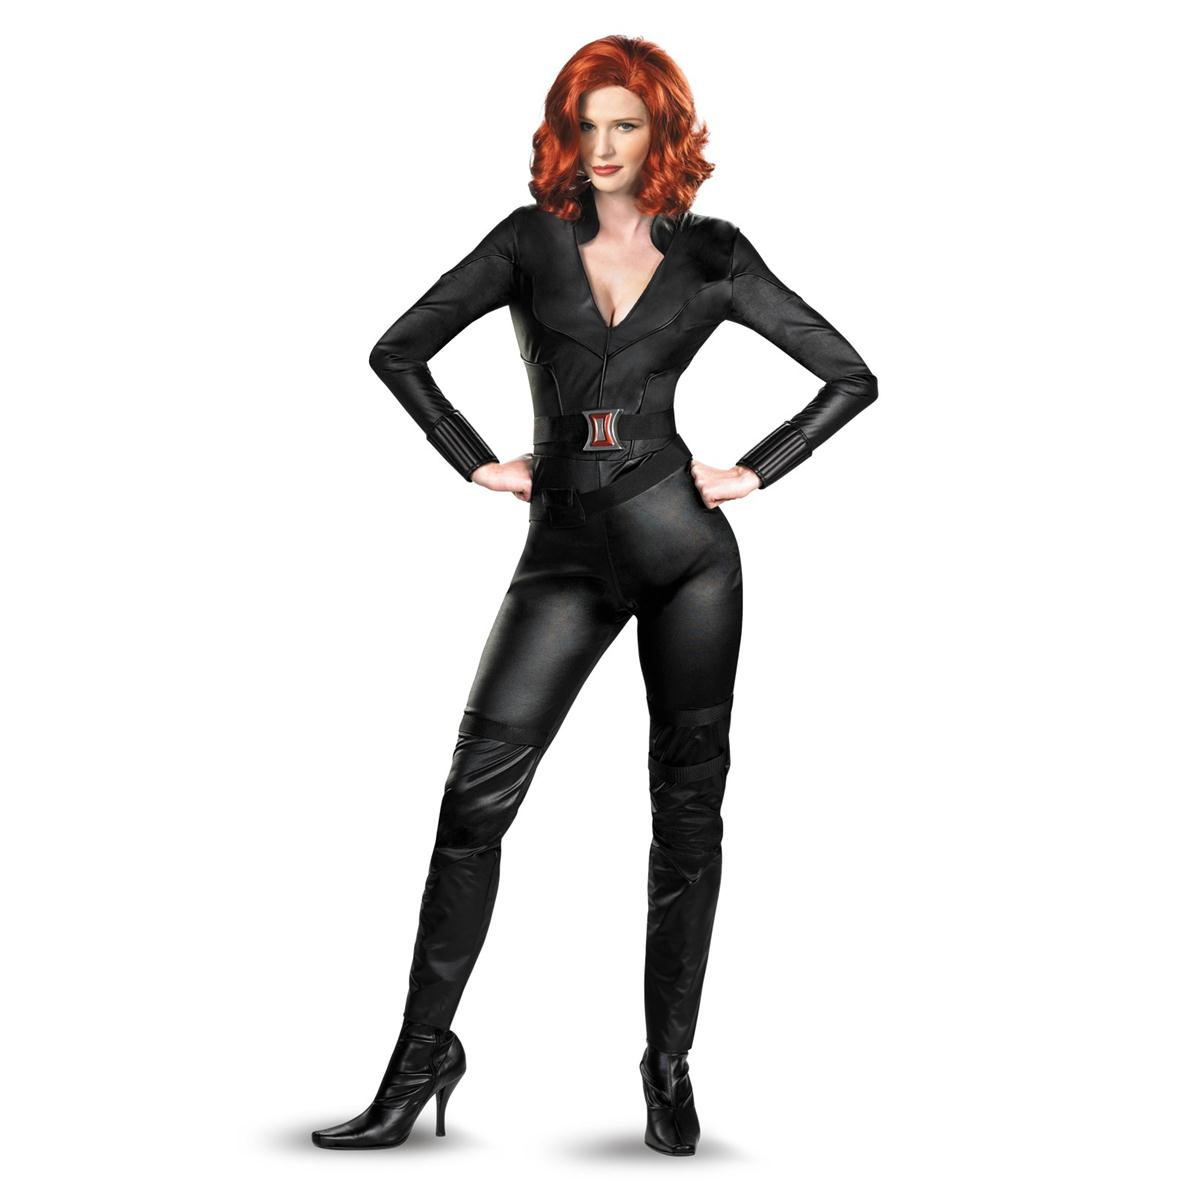 ブラックウィドウ スーツ コスプレ 大人用 女性用 アベンジャーズ キャラクター 仮装 衣装 コスチューム